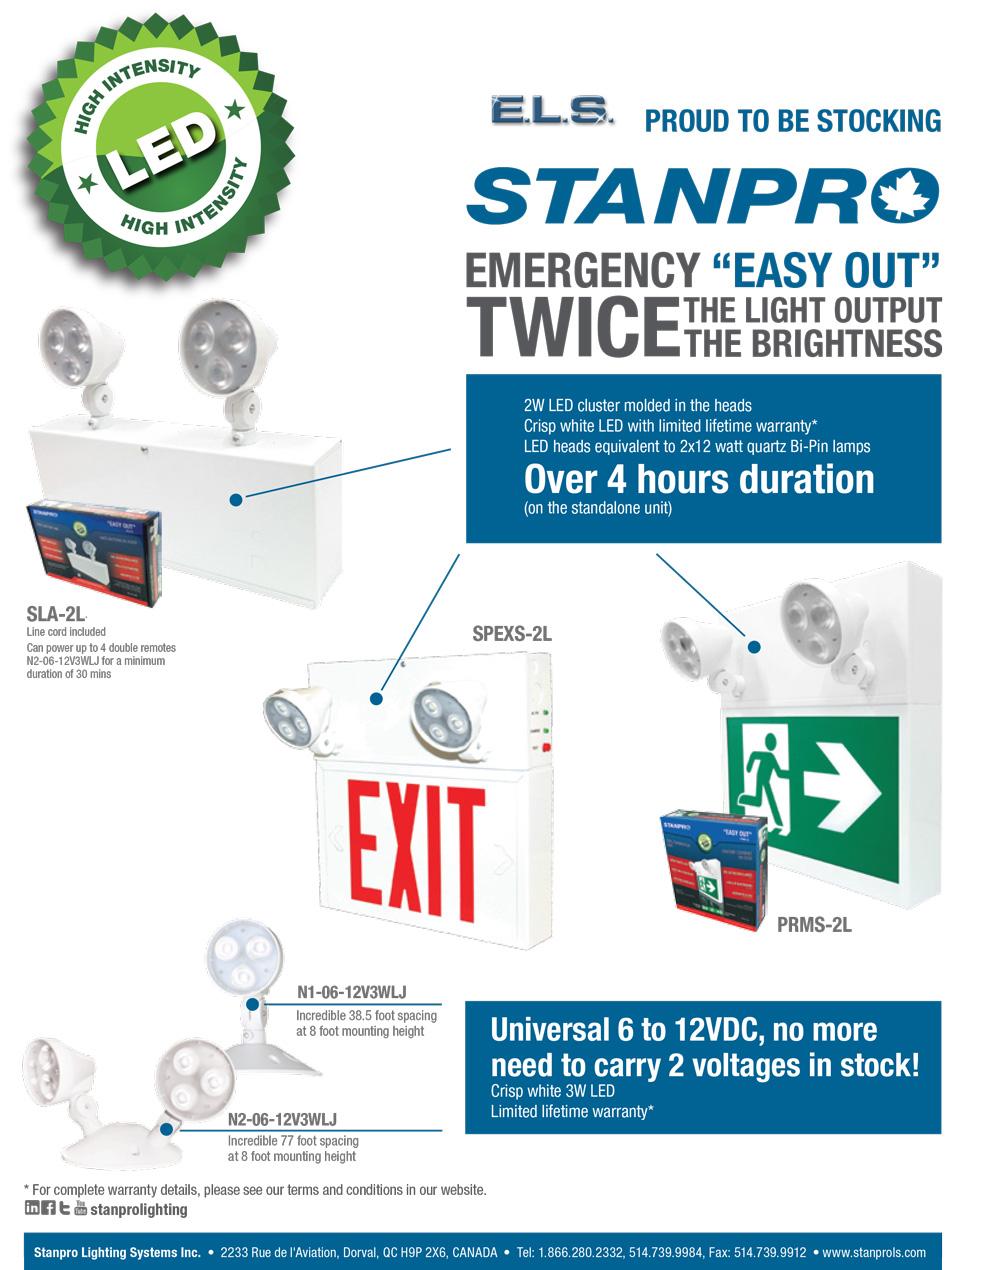 ELS Stanpro LED Flyer